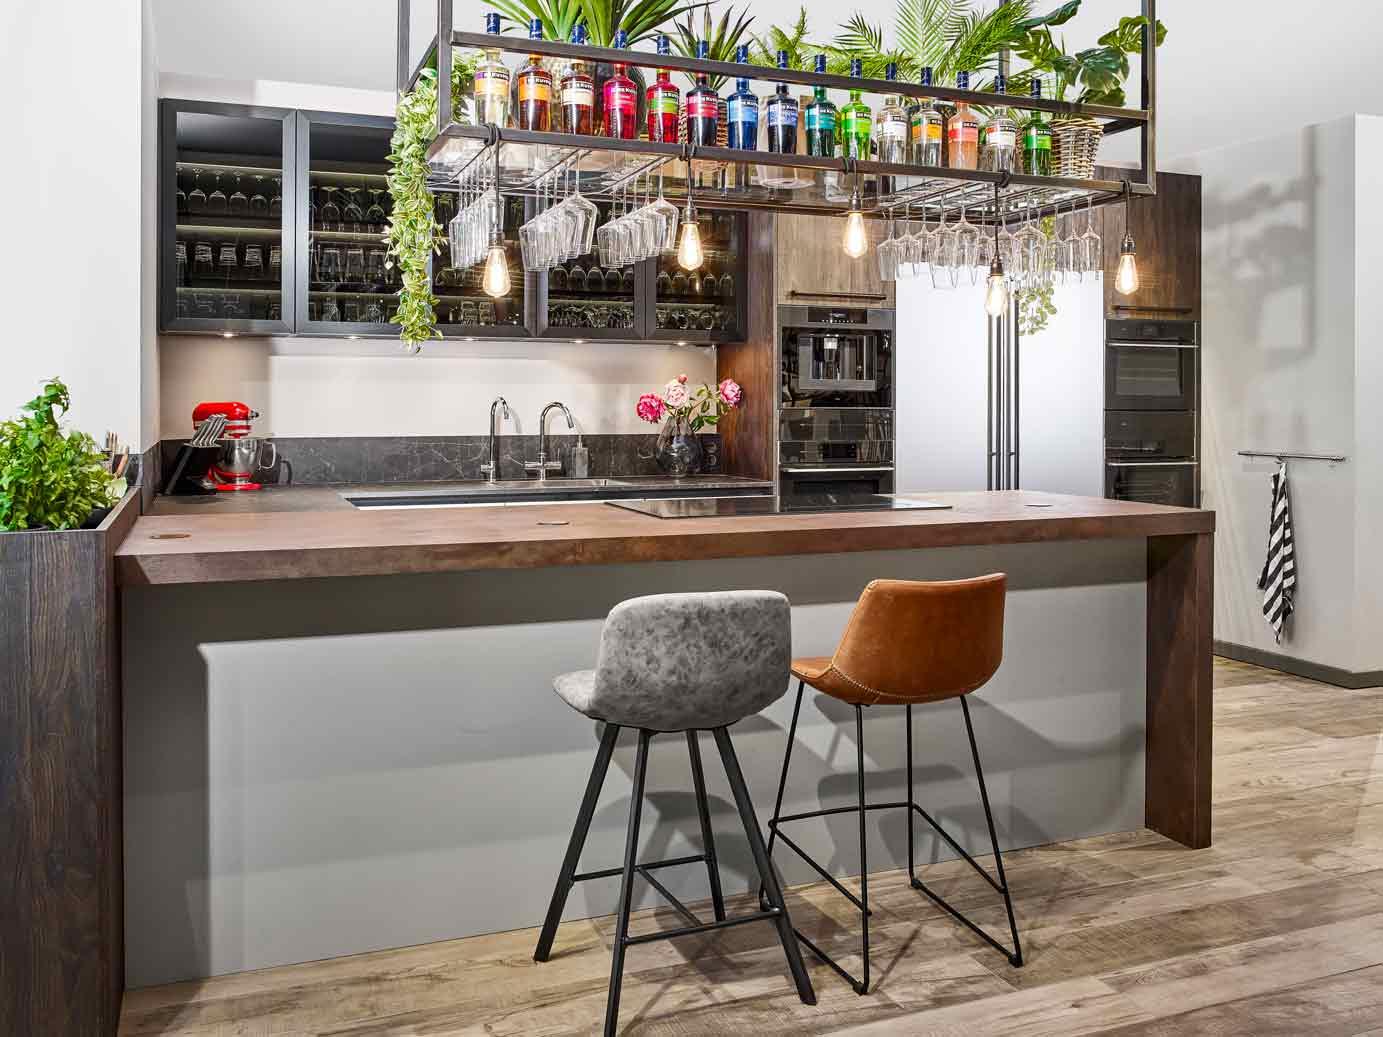 Keuken Bar Schiereiland : Luxe u keuken met bar bekijk foto s db keukens